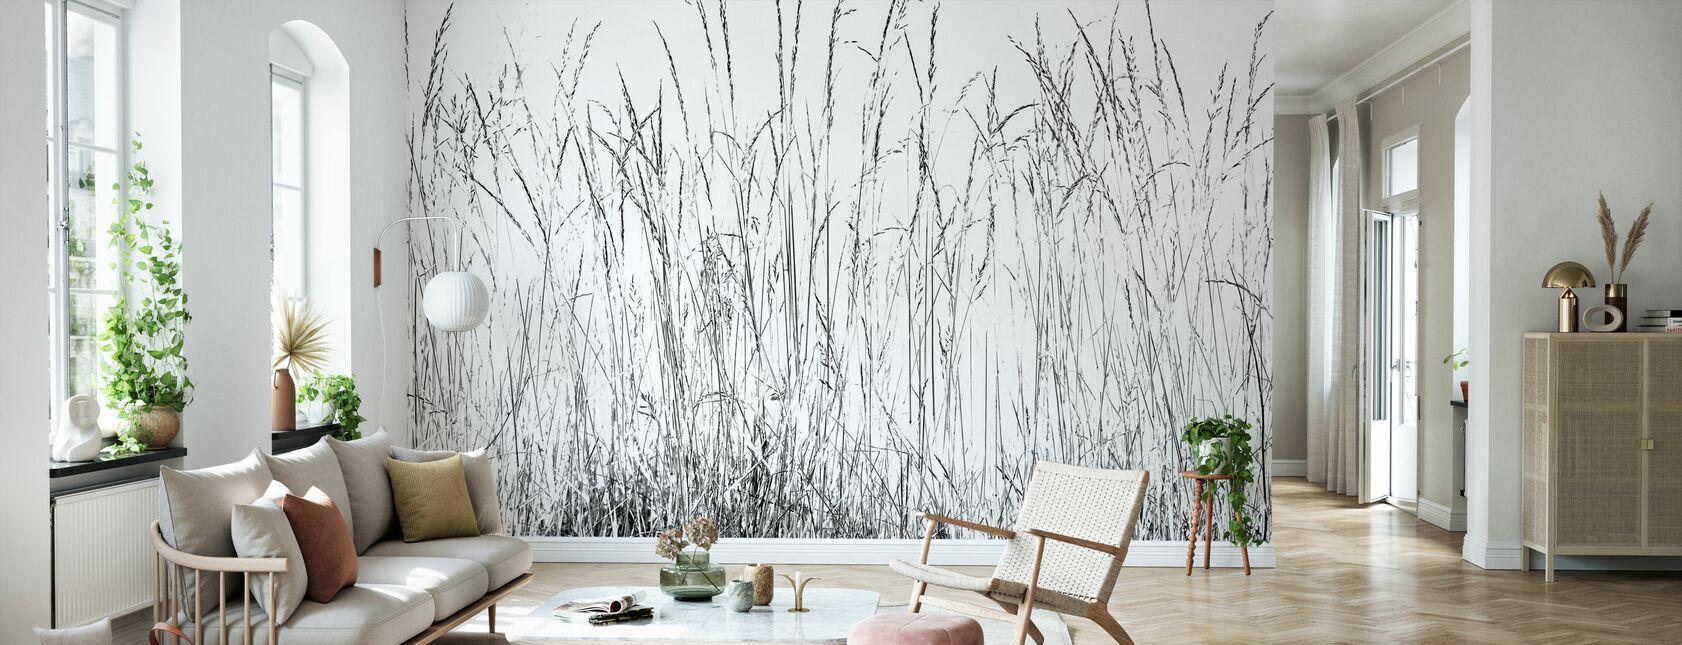 Grass Blades bw - Wallpaper - Living Room